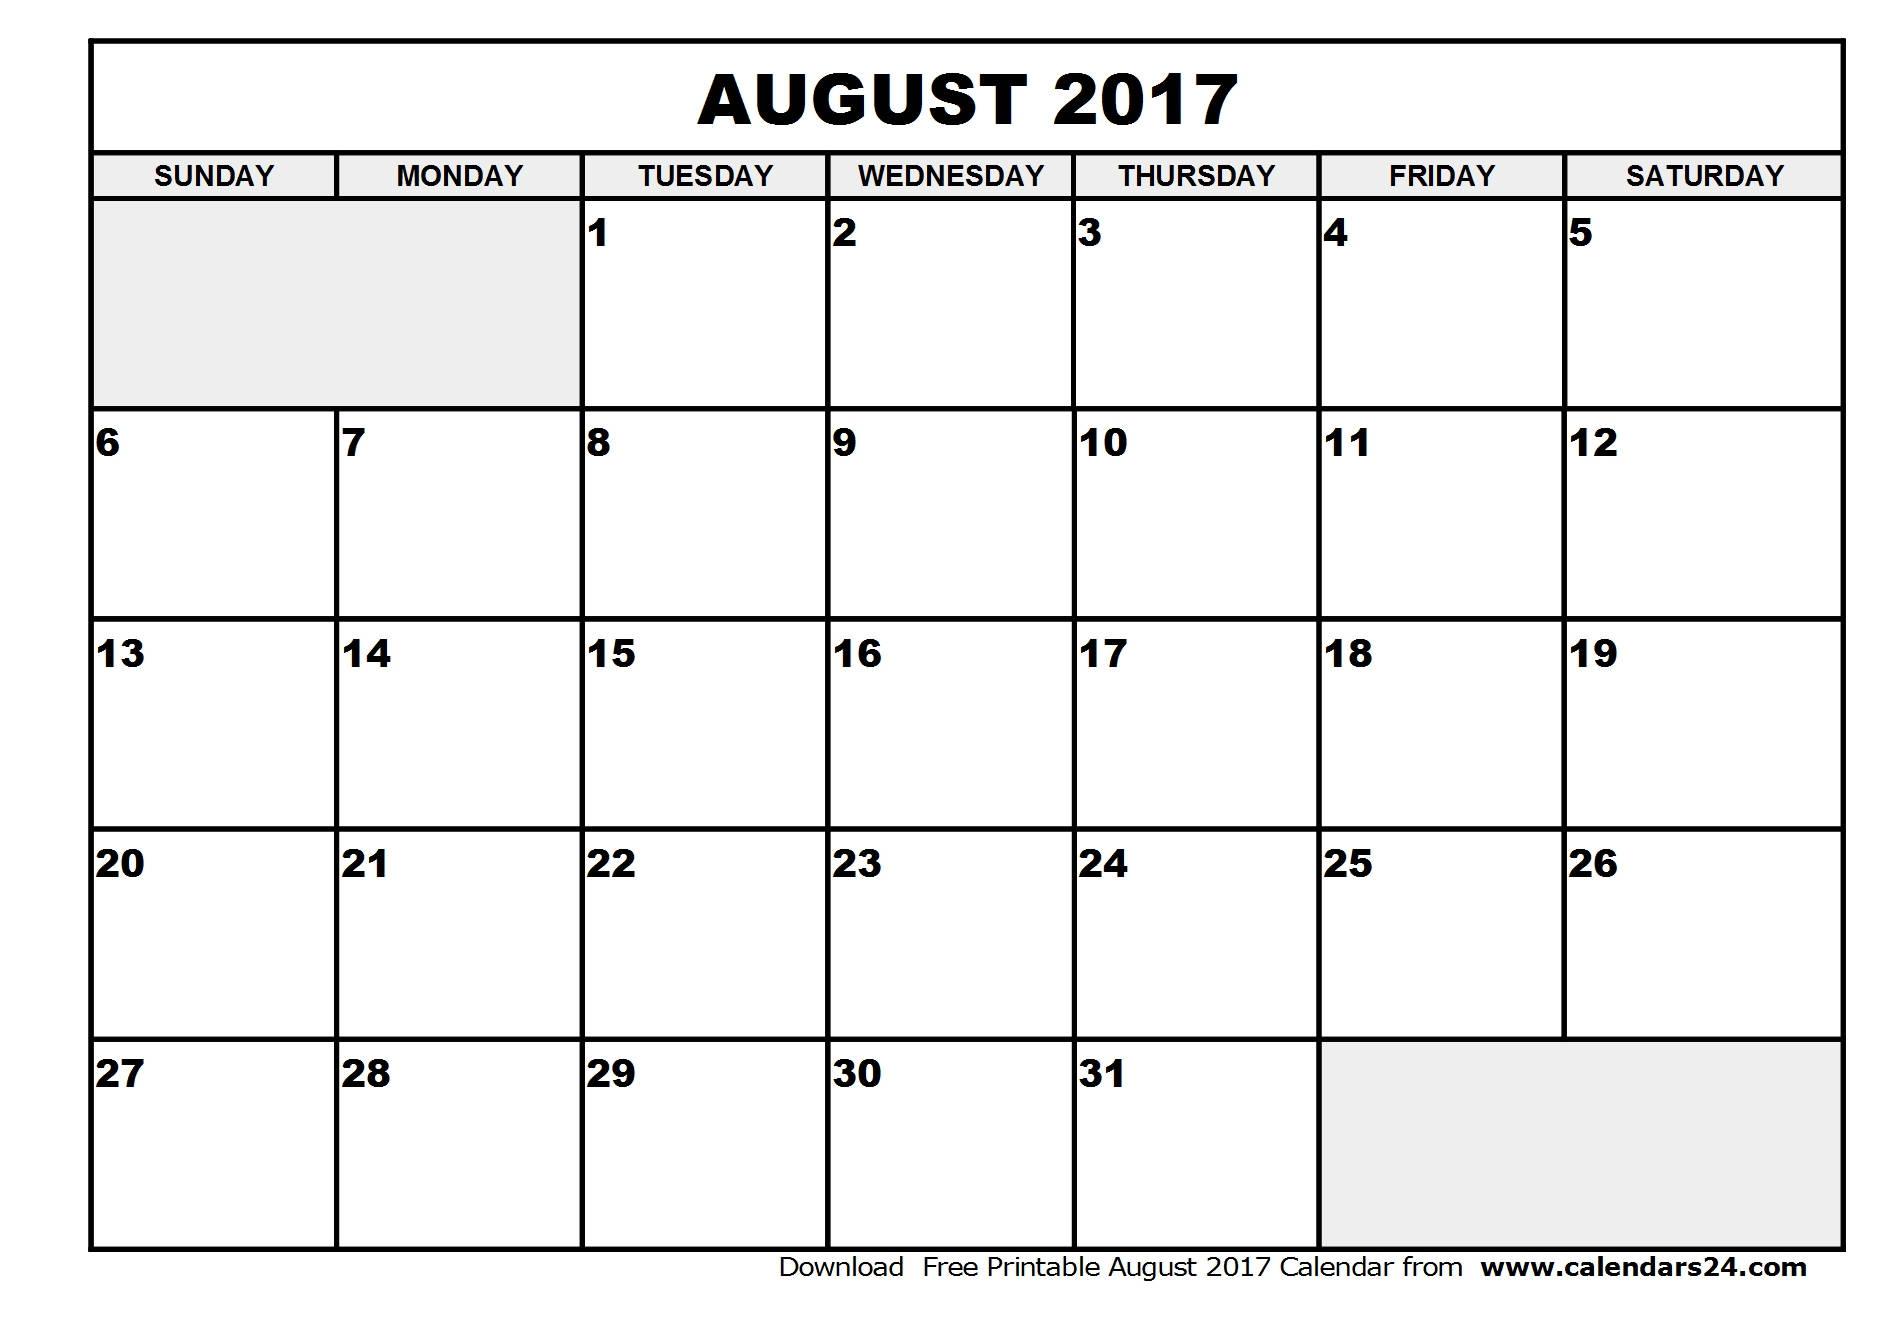 August 2017 Calendar & September 2017 Calendar